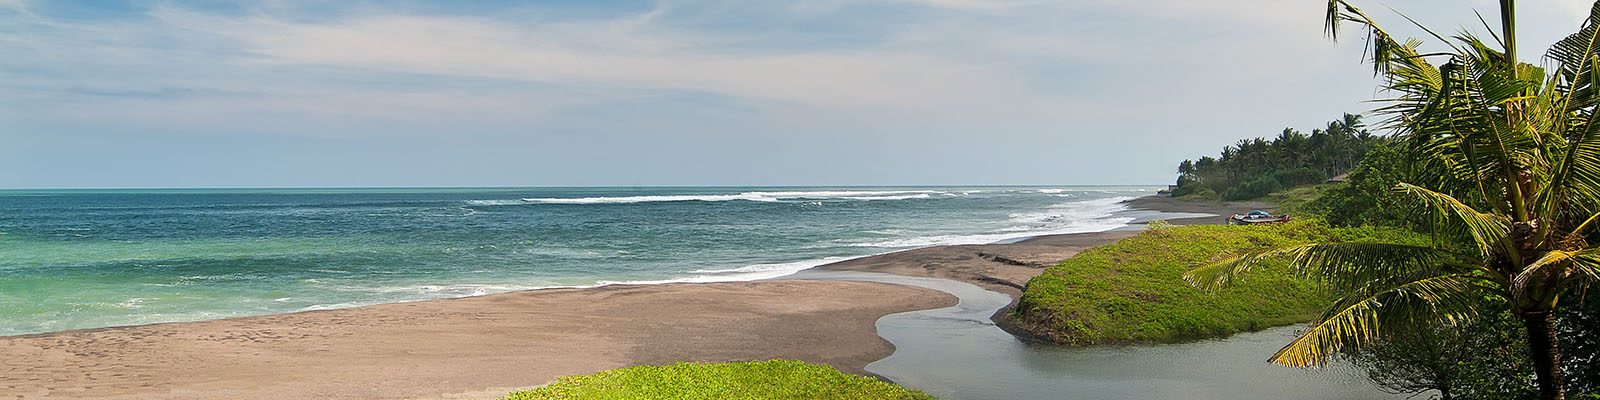 Bali | Pantai Seseh Beach